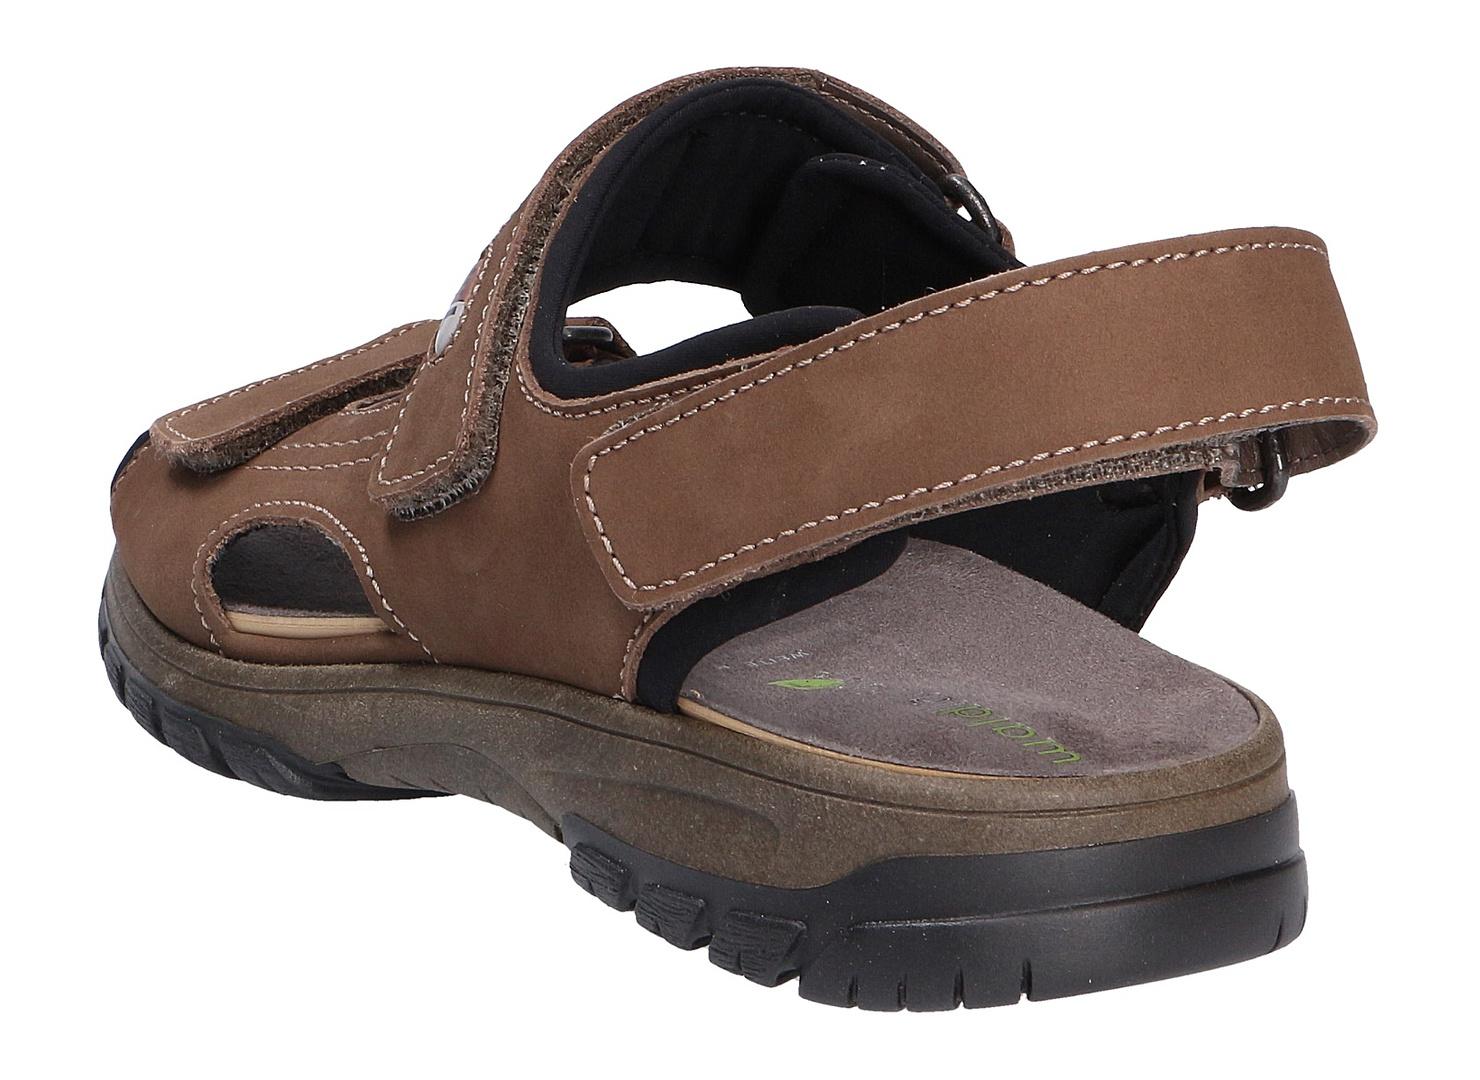 Waldläufer Schuhe Herren Herren SandaleOffene Schuhe SandaleOffene Waldläufer Herren Schuhe SandaleOffene Herren Waldläufer Waldläufer eCodxB